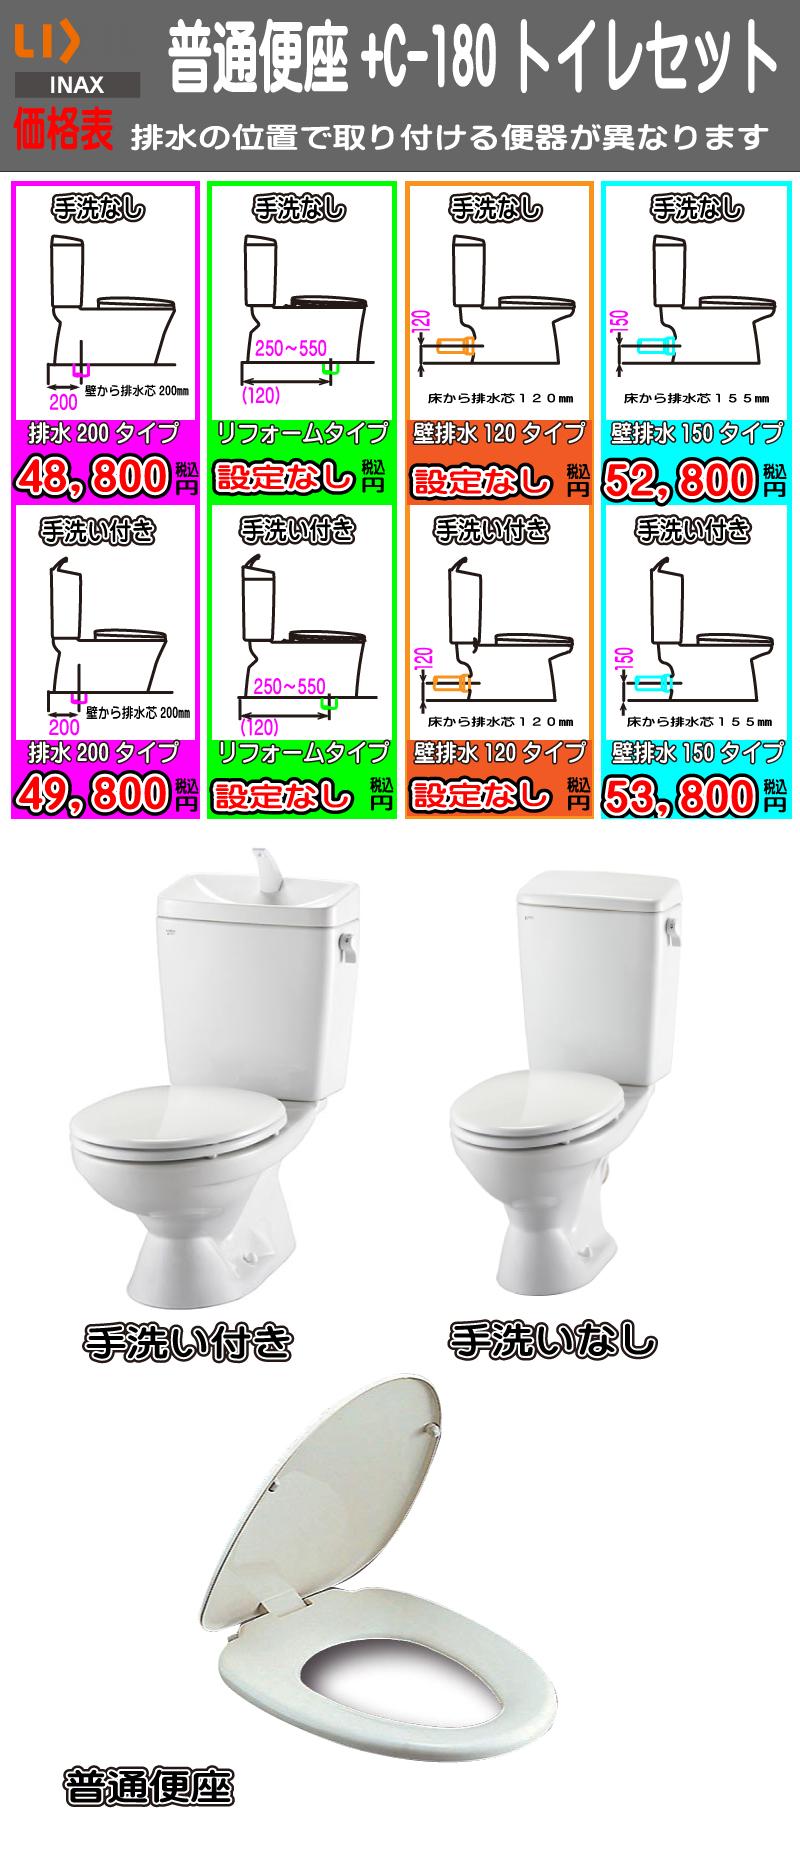 地域最安値!INAXトイレ工事費込み48,800円税込!!